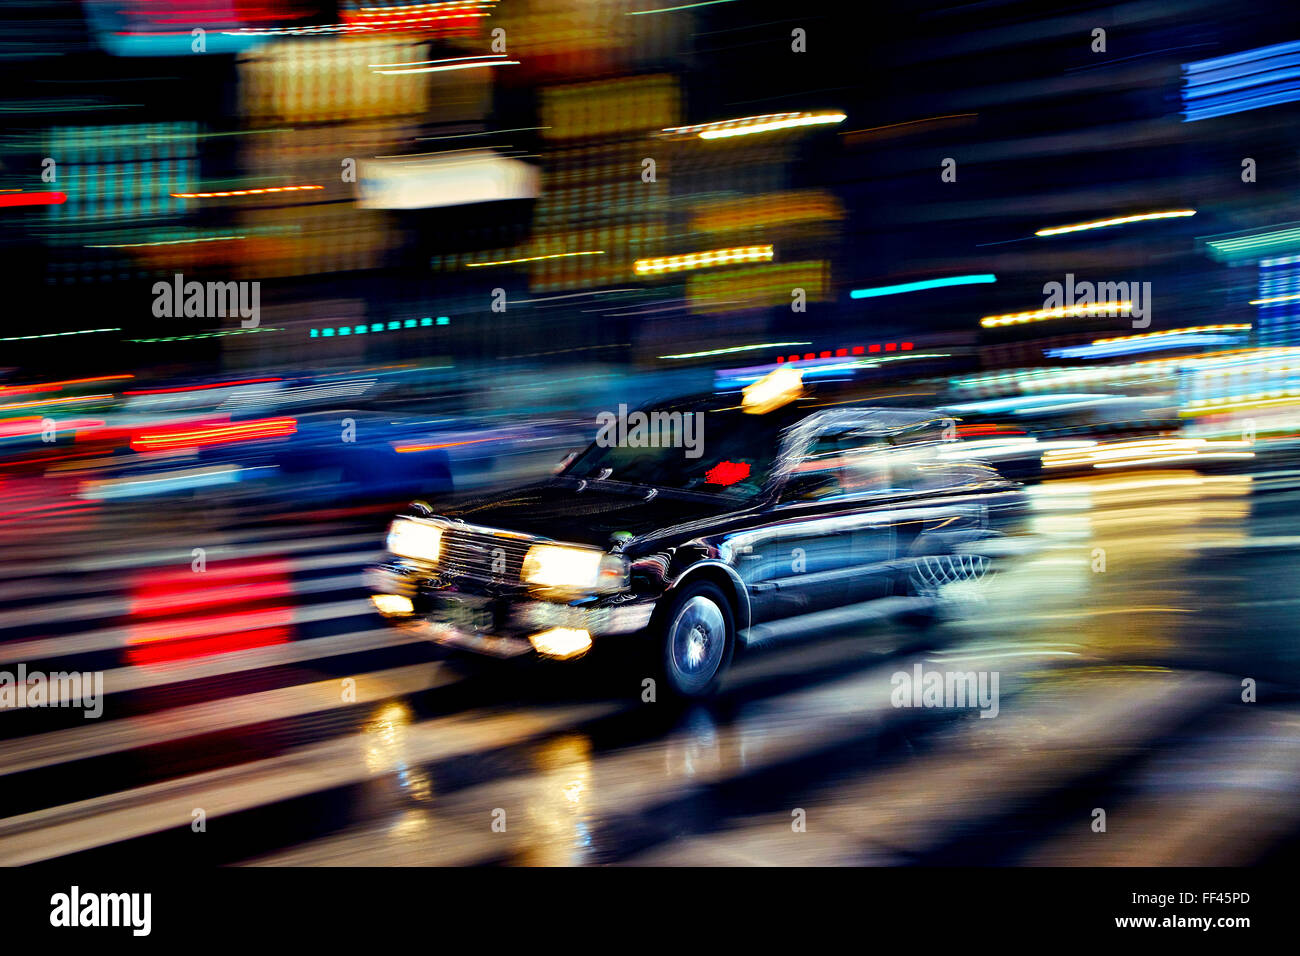 L'île de Honshu, Japon, Tokyo, Kanto, taxi de nuit. Photo Stock